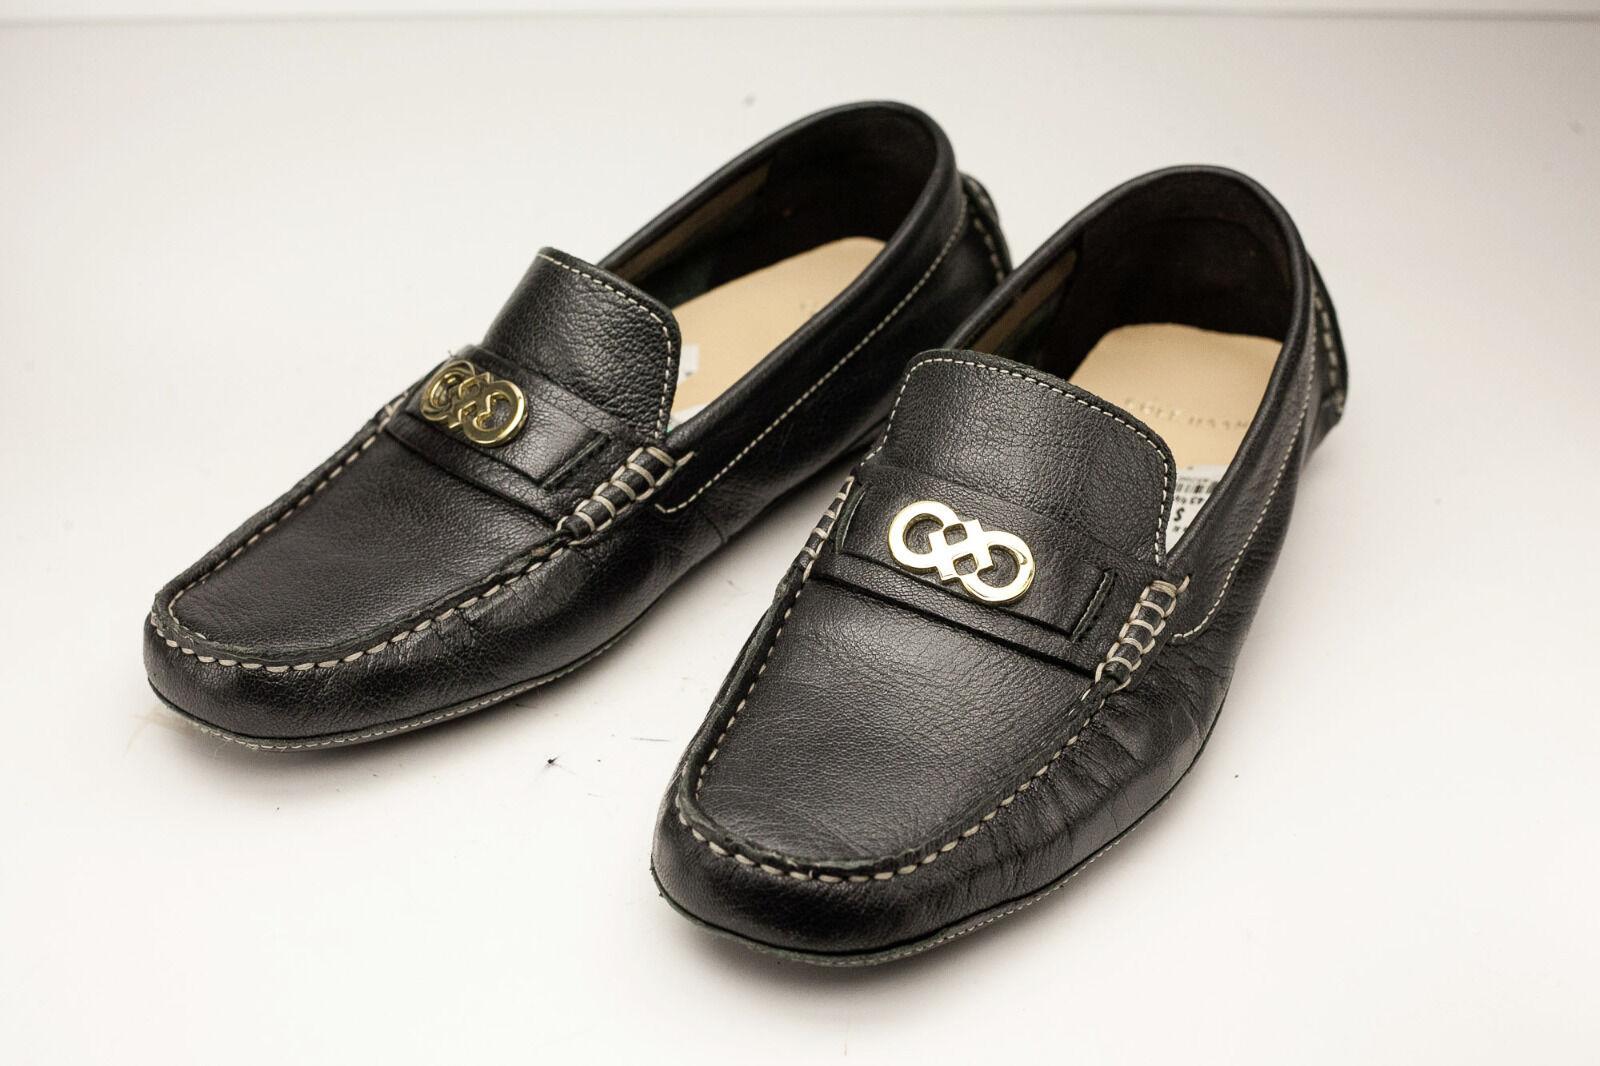 Cole Haan tamaño 7 Zapatos para mujer negro negro negro de conducción Mocs  precio razonable